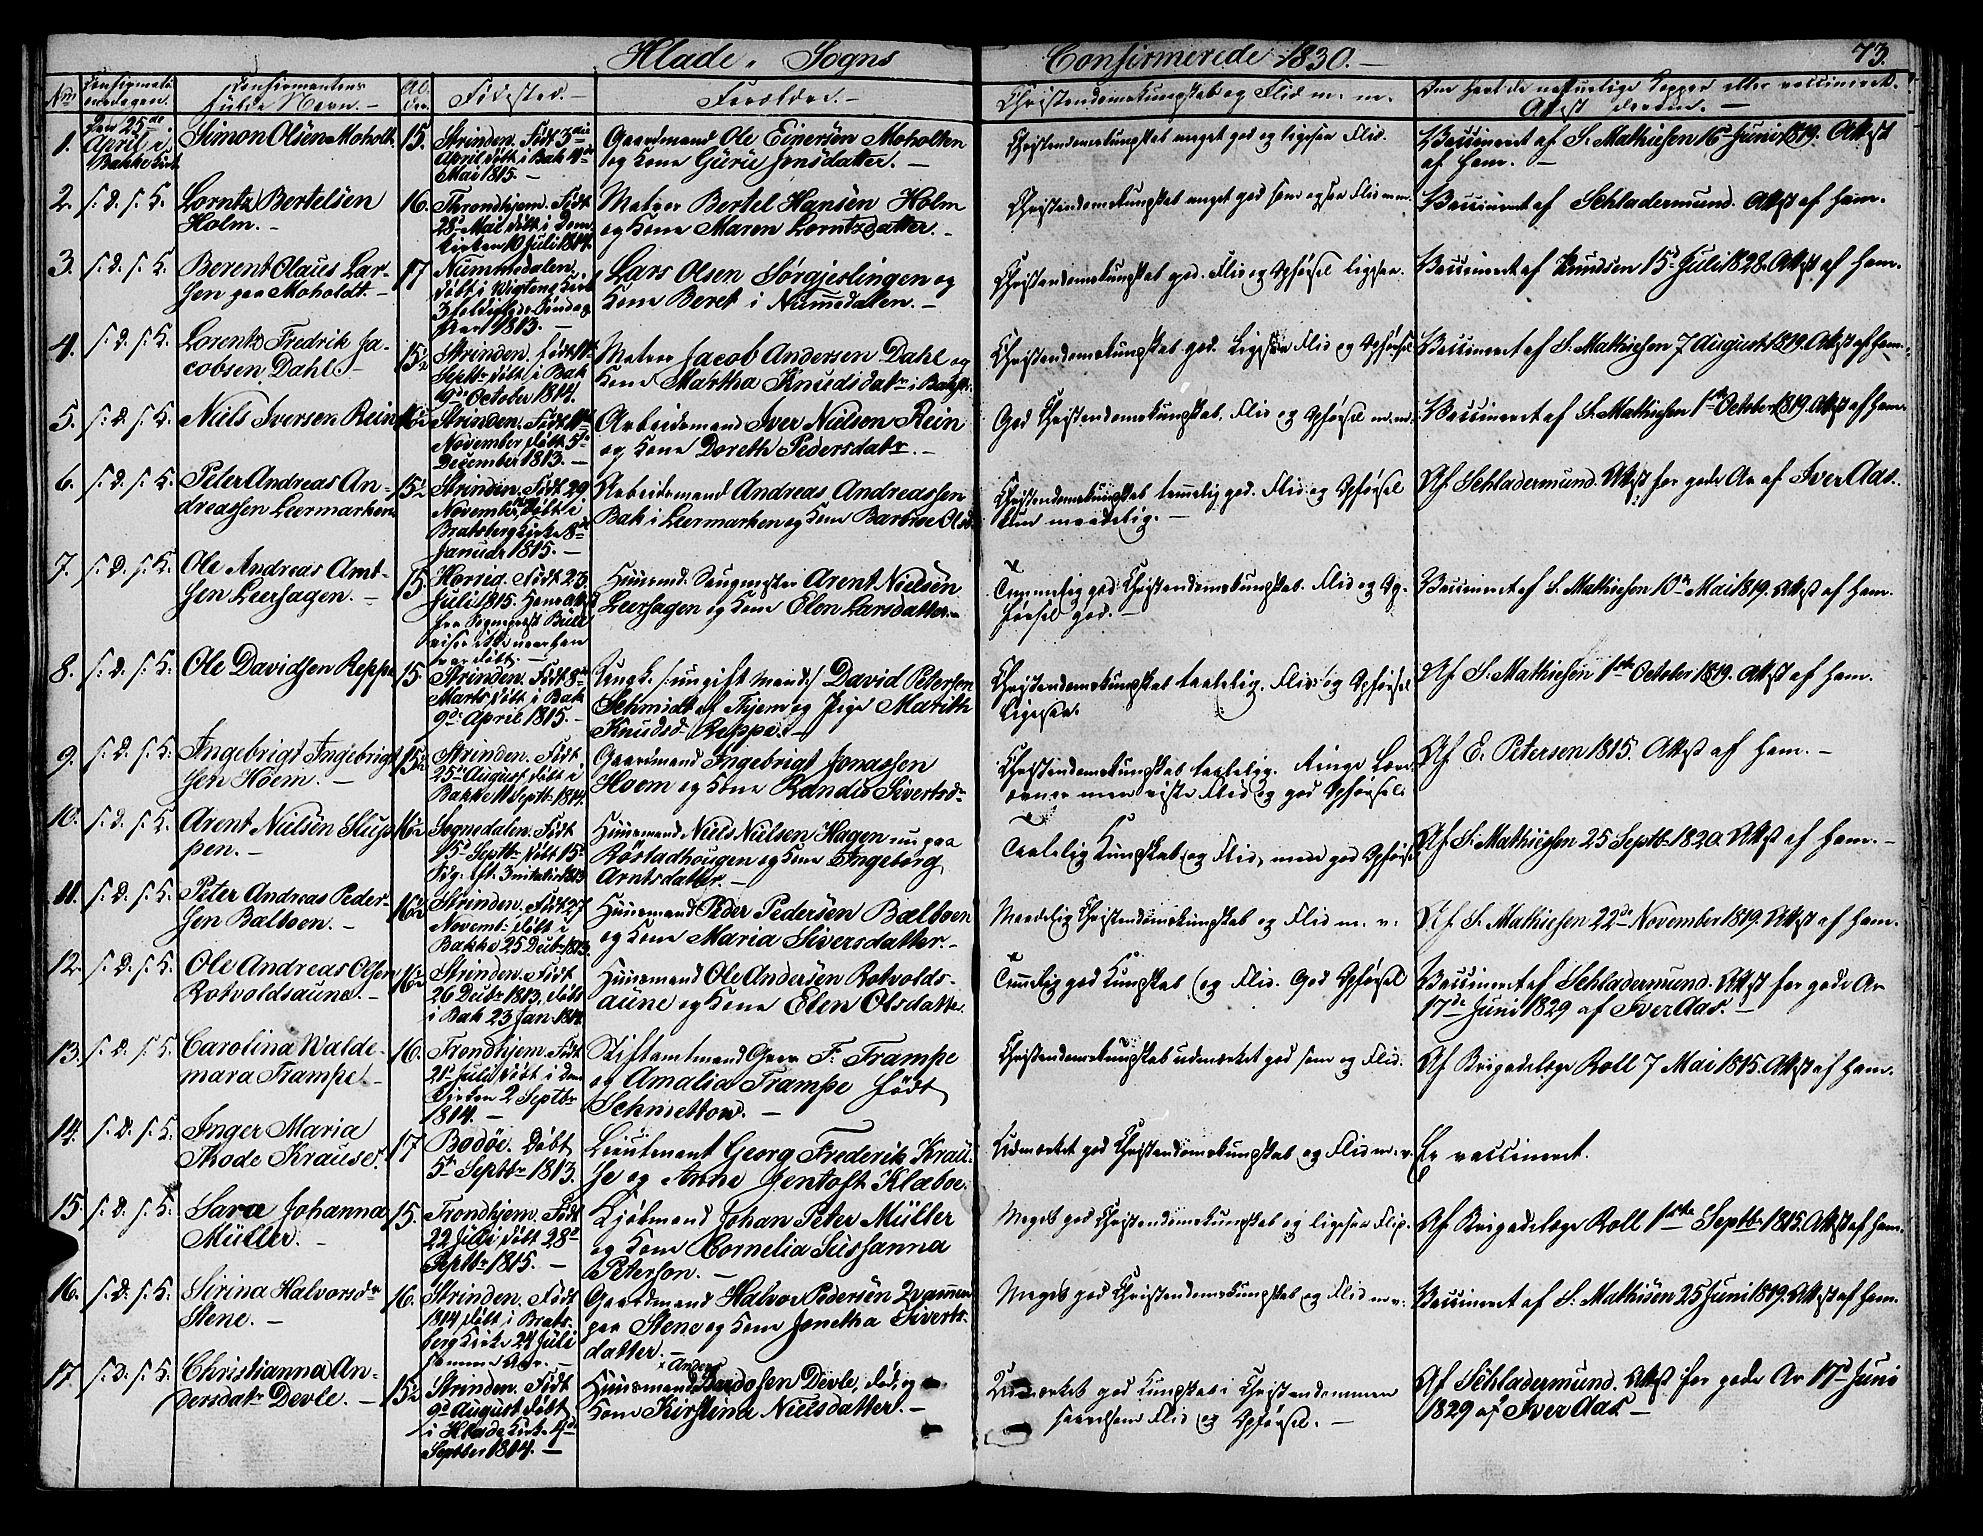 SAT, Ministerialprotokoller, klokkerbøker og fødselsregistre - Sør-Trøndelag, 606/L0308: Klokkerbok nr. 606C04, 1829-1840, s. 73